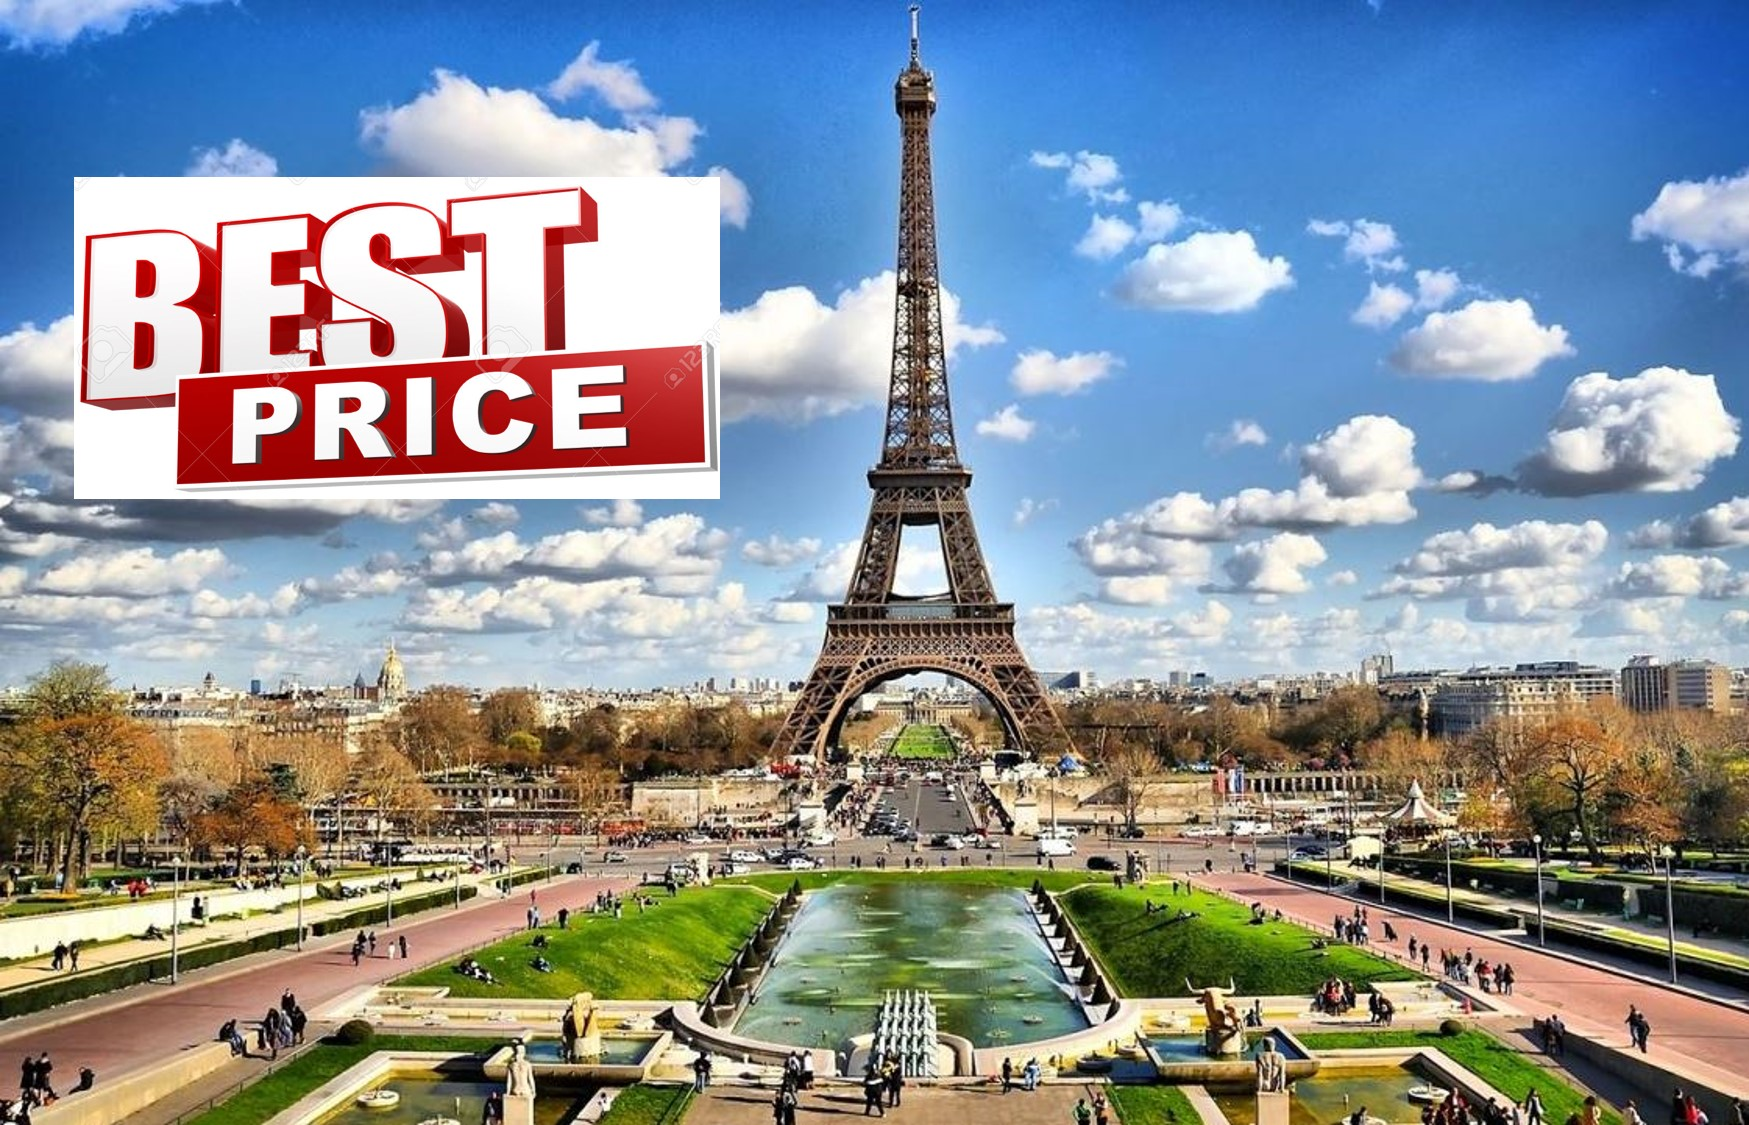 ΠΑΡΙΣΙ στην καλυτερη τιμη της αγορας! Απο 350€ για 4 μερες με Αεροπορικα, Κεντρικο Ξενοδοχειο & Φορους πληρωμενους